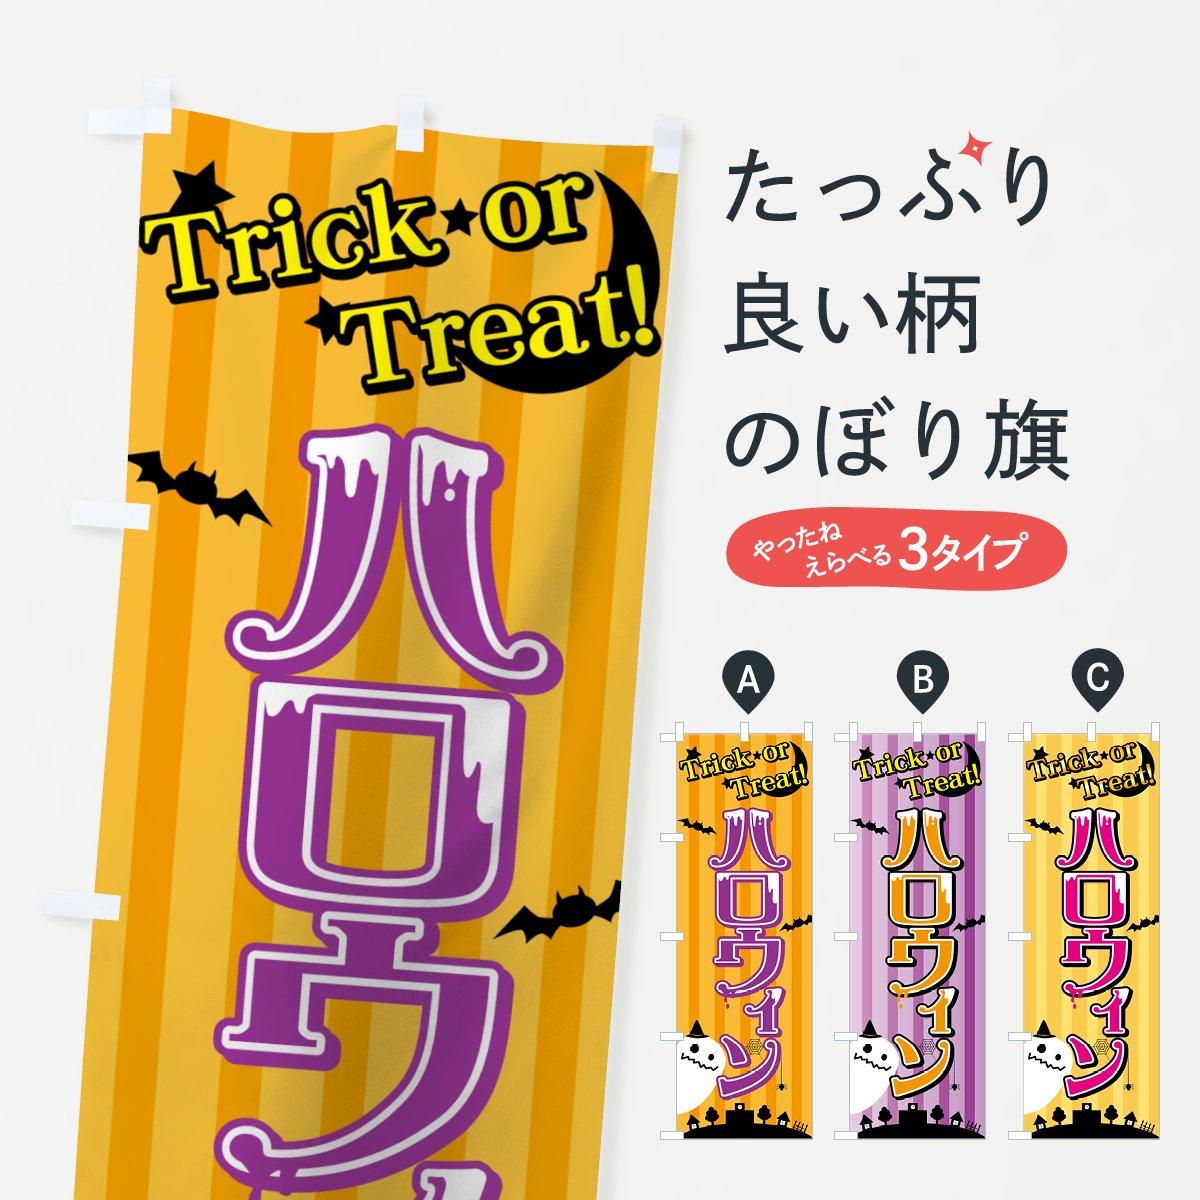 ハロウィンのぼり旗【Trick or treat】[秋の行事]